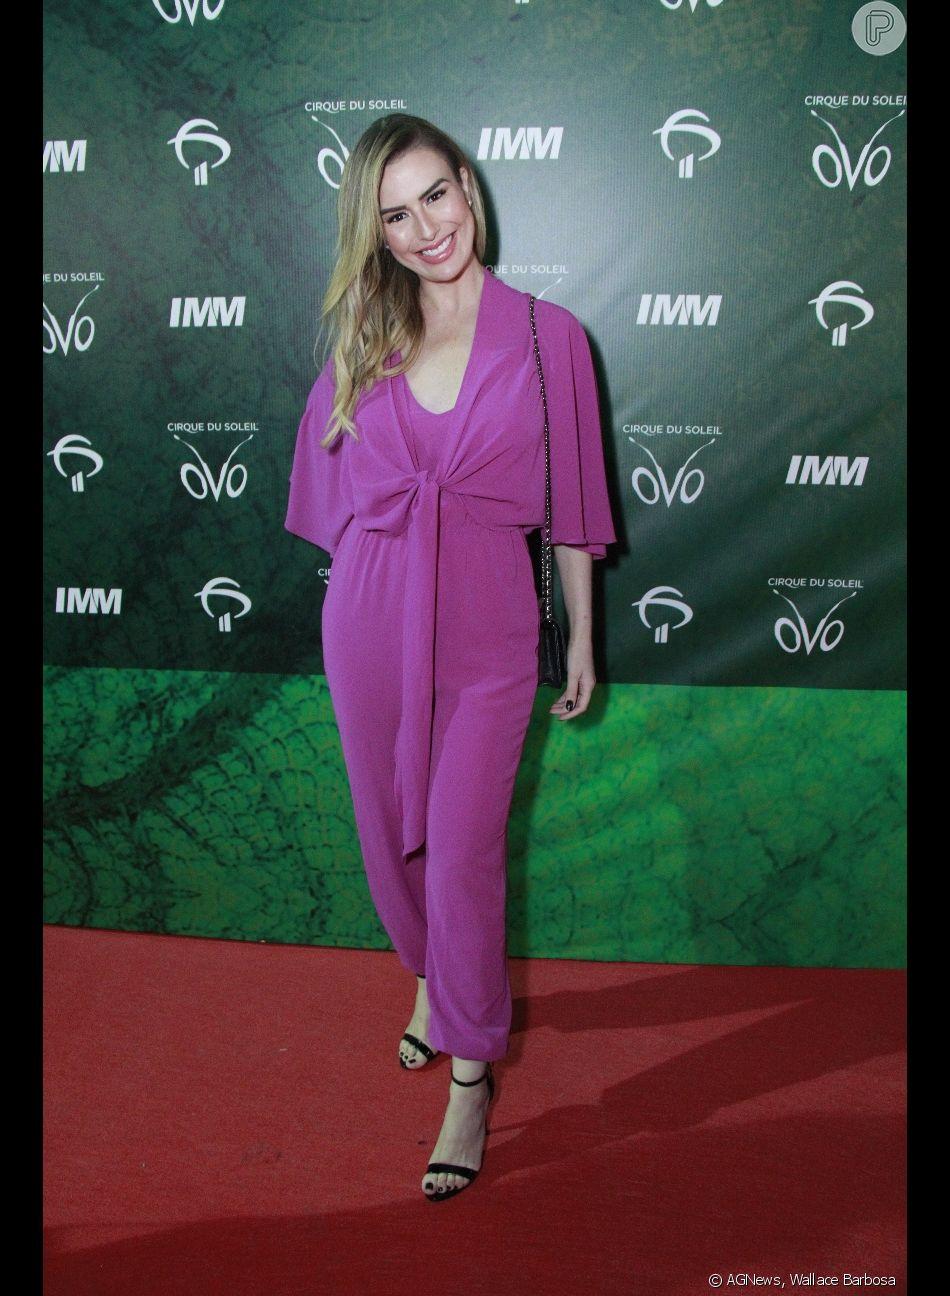 bdc9897b3 O macacão lindo de Fernanda Keulla roubou a cena no look da atriz, que  complementou usando sandálias de tiras